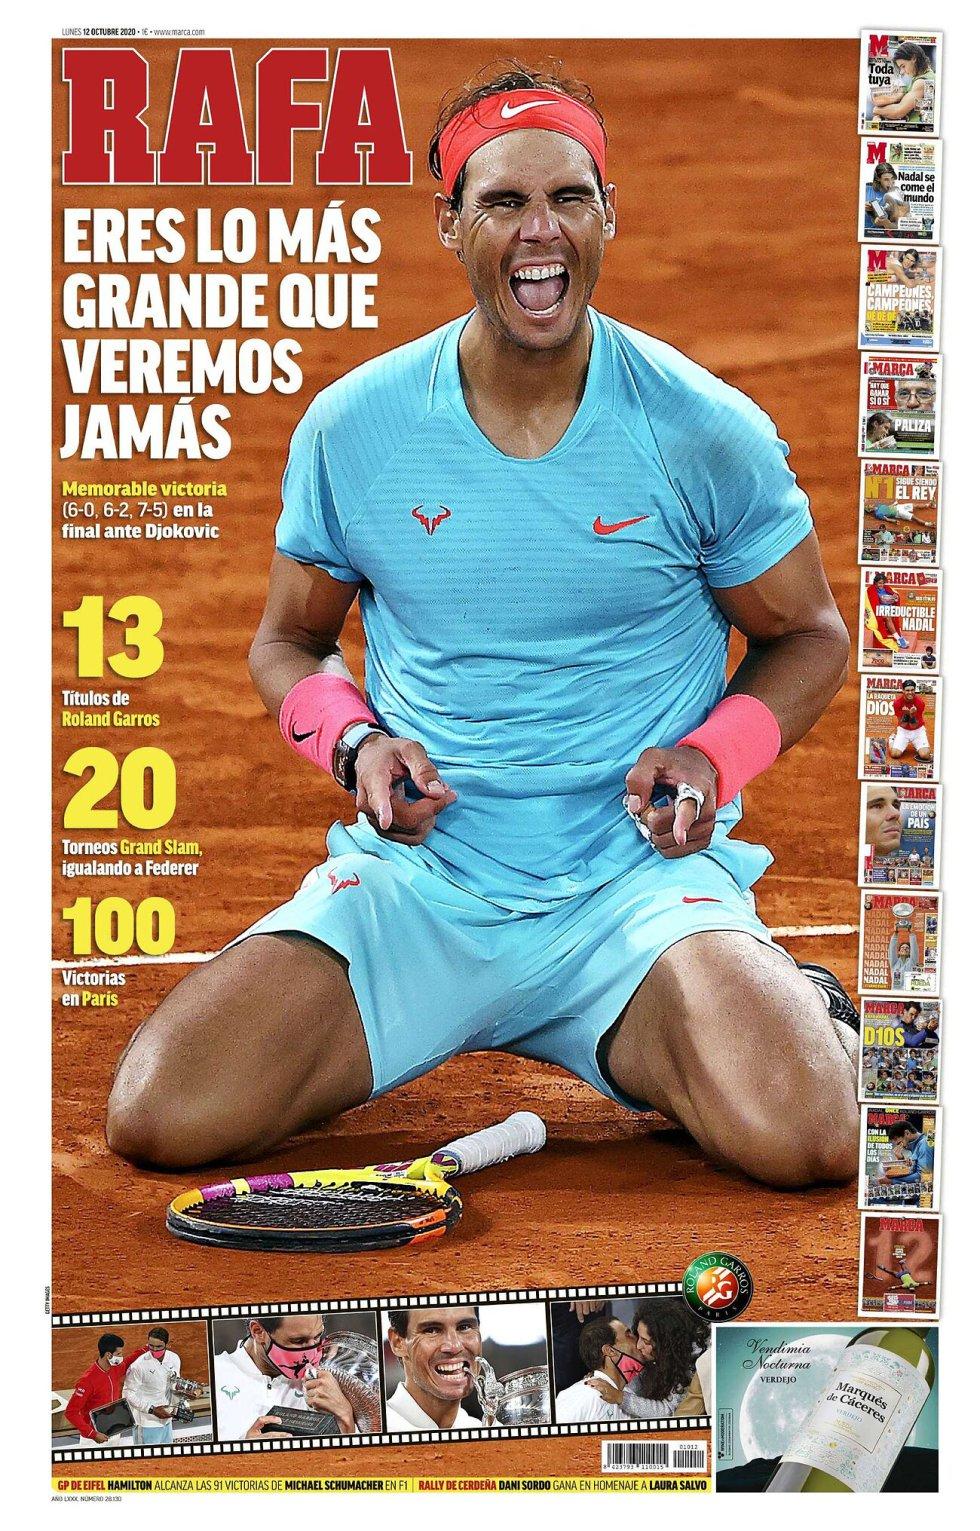 """Las principales portadas del mundo se rinden al """"superhéroe"""" Rafa Nadal"""